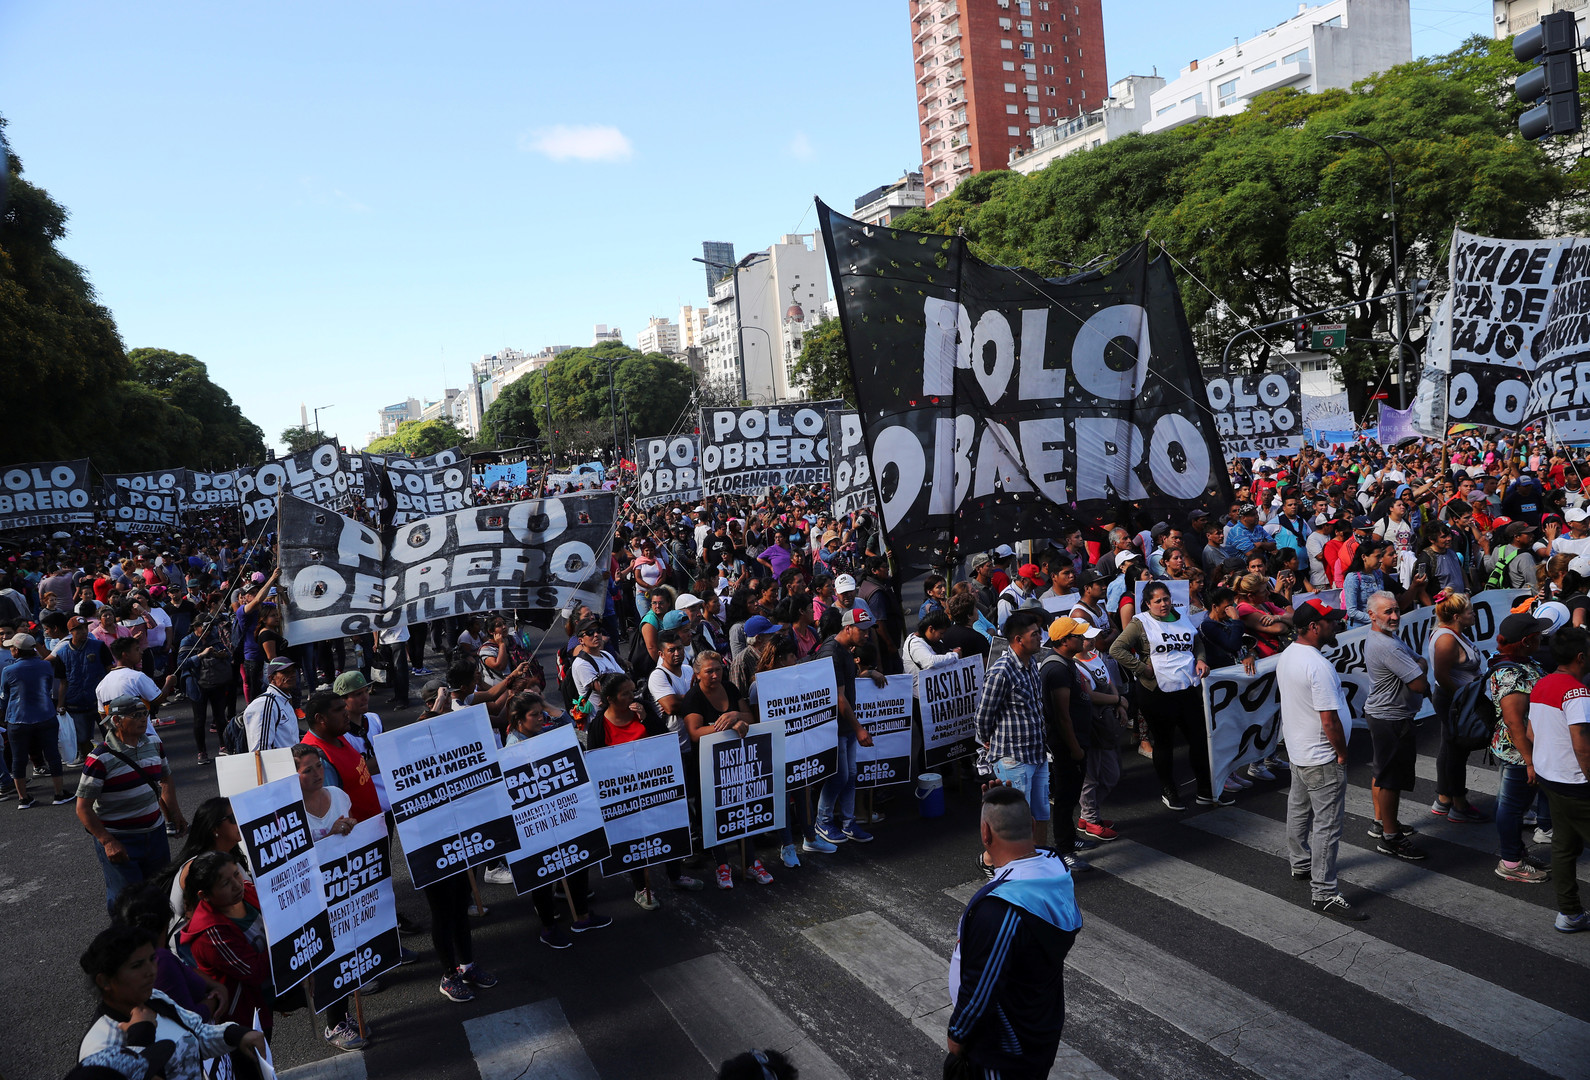 G20-Gipfel in Buenos Aires beginnt: Handelskrieg, Ukraine-Konflikt und Proteste